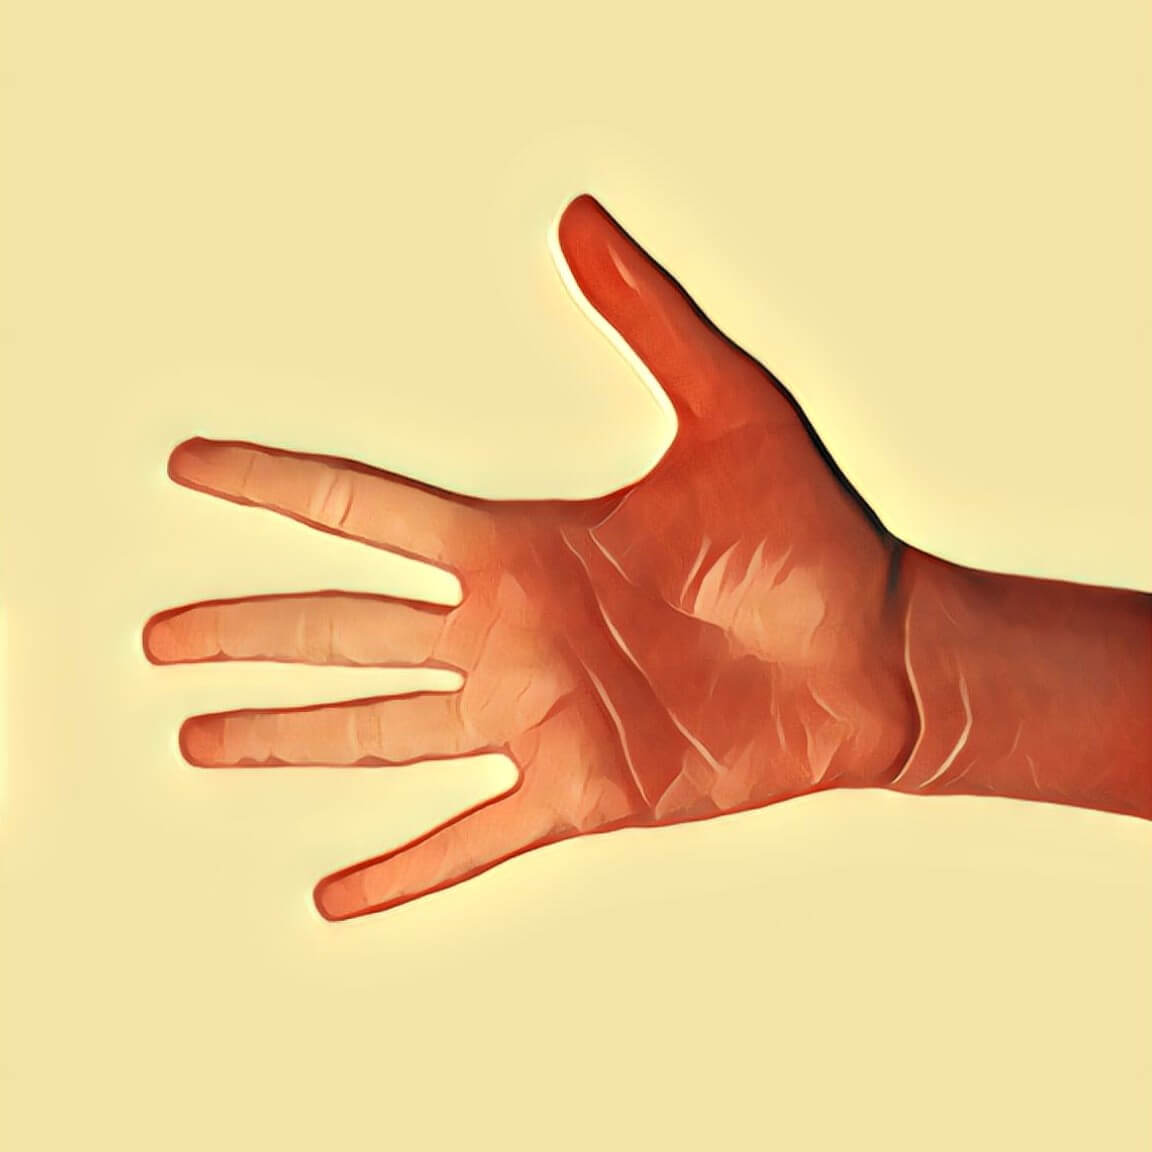 Hand - Traum-Deutung